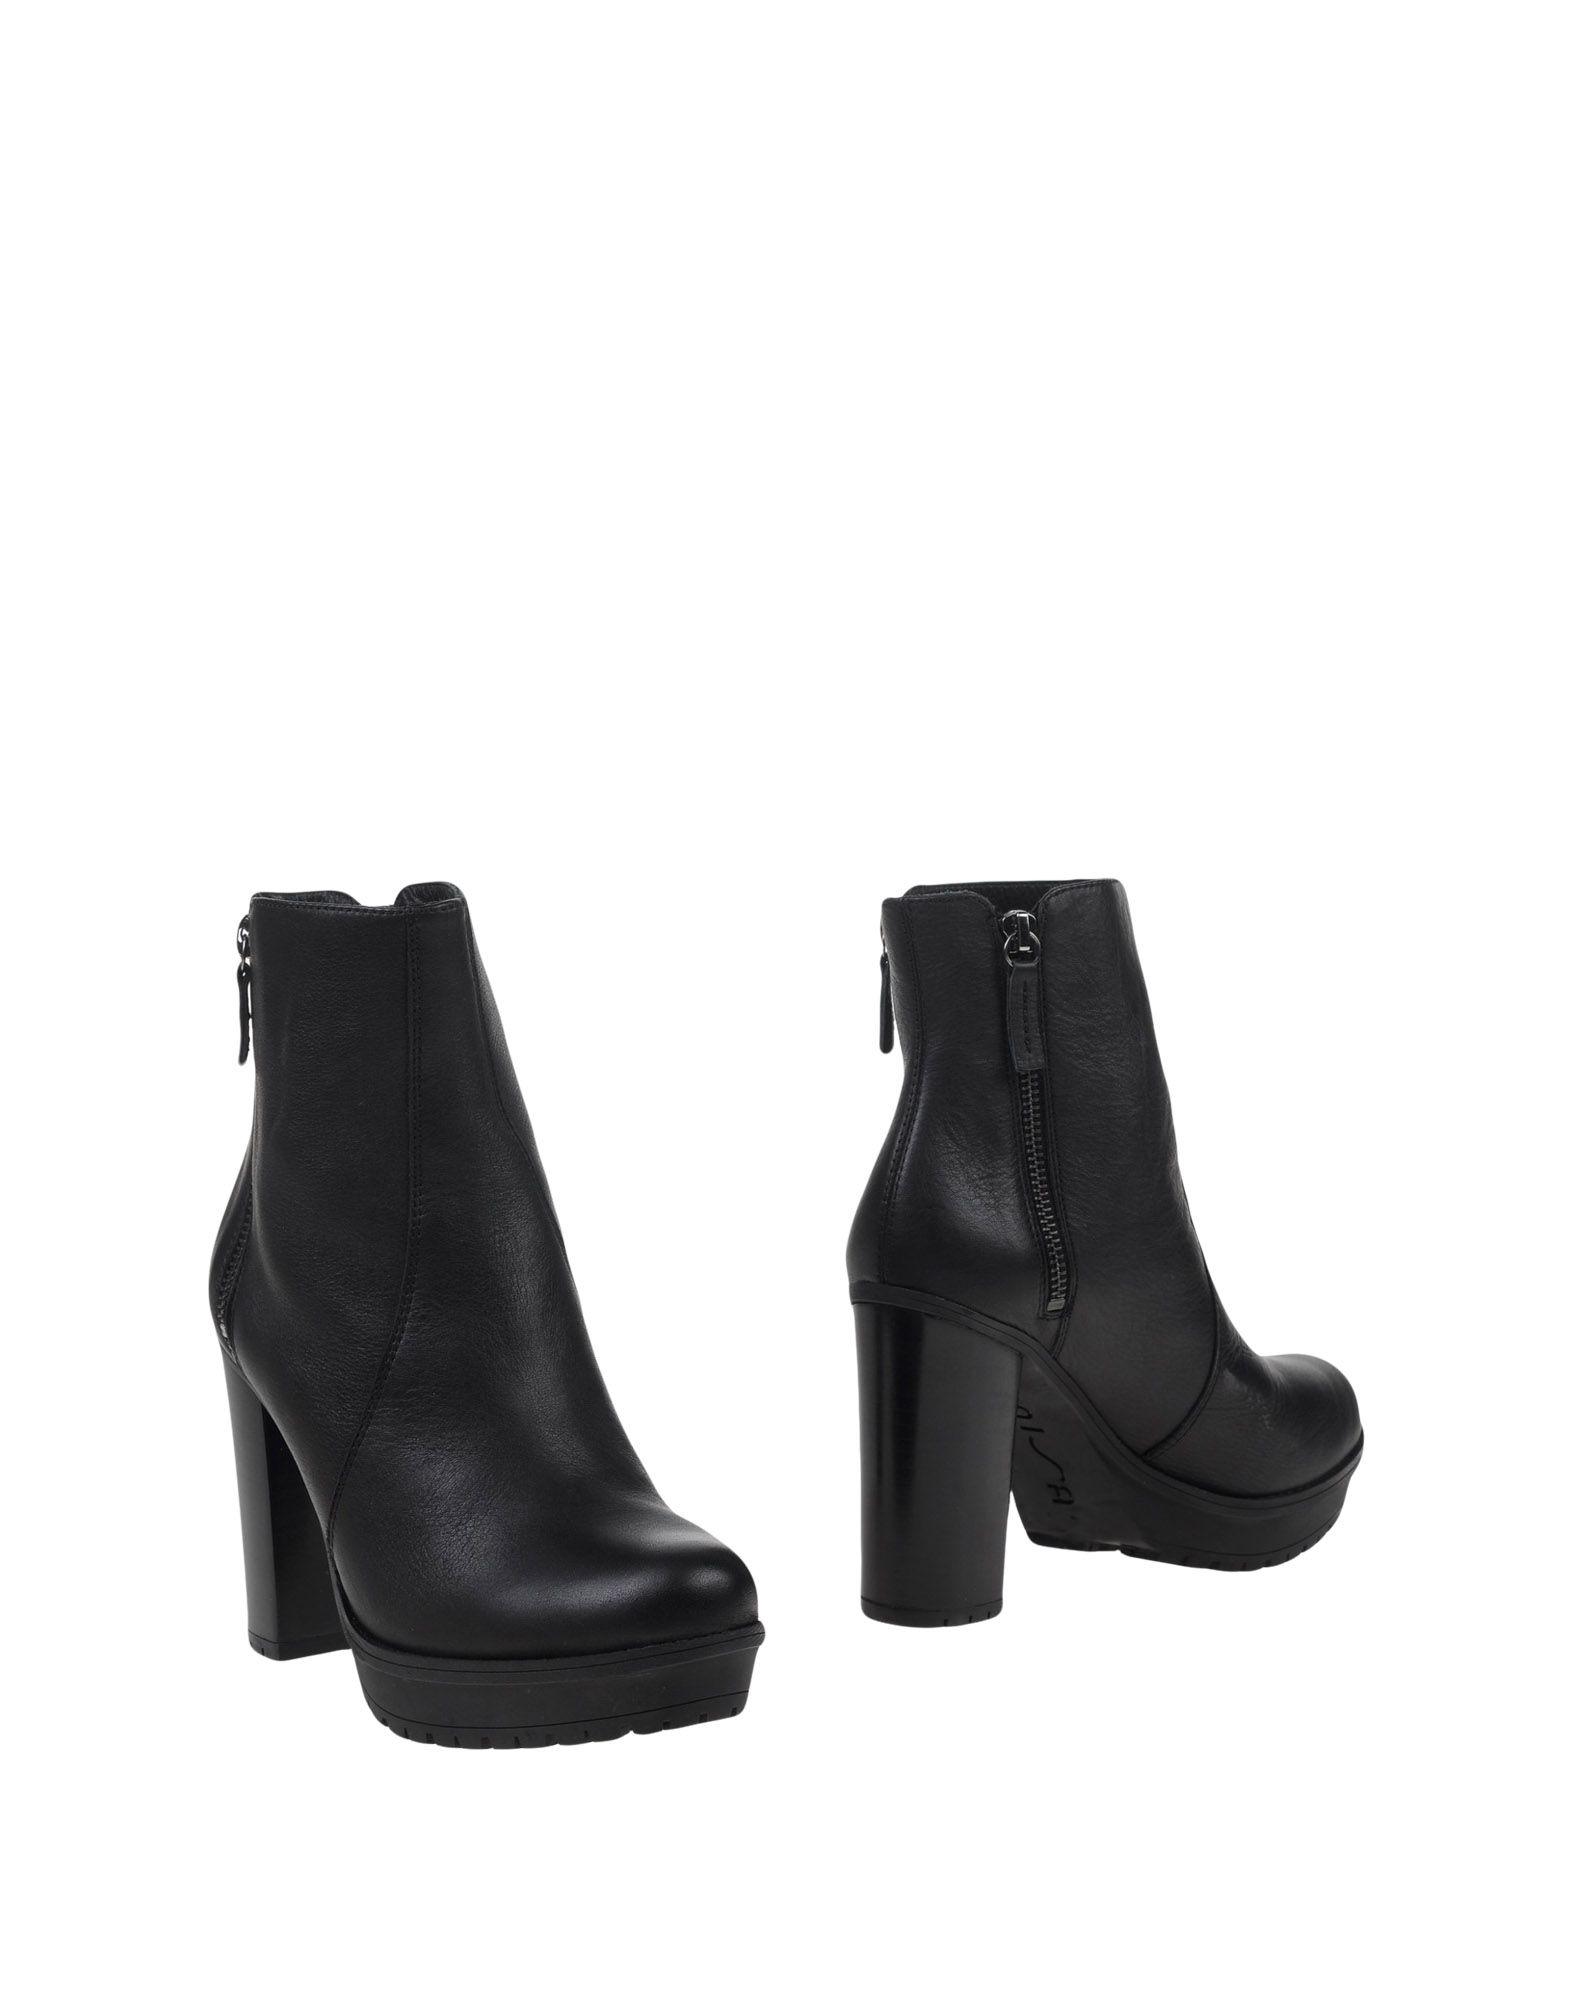 Unisa Stiefelette Damen  beliebte 11135477PX Gute Qualität beliebte  Schuhe 518762